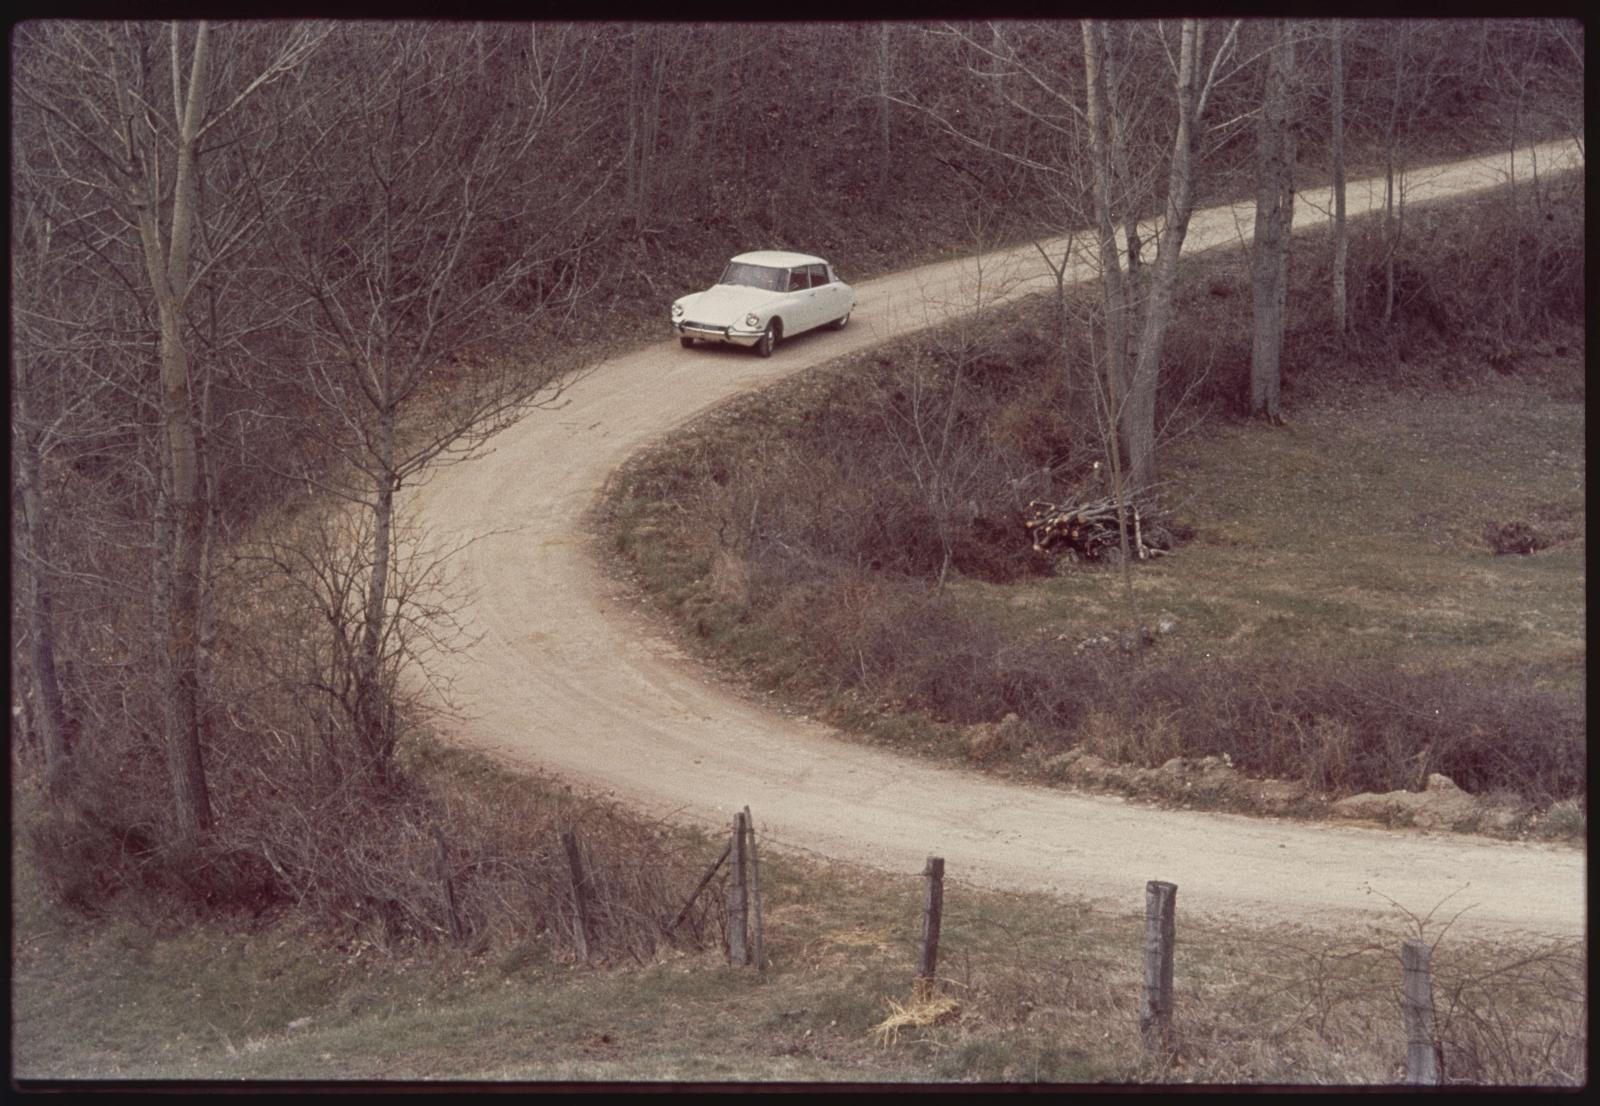 シトロエン DS 19 - 1963年